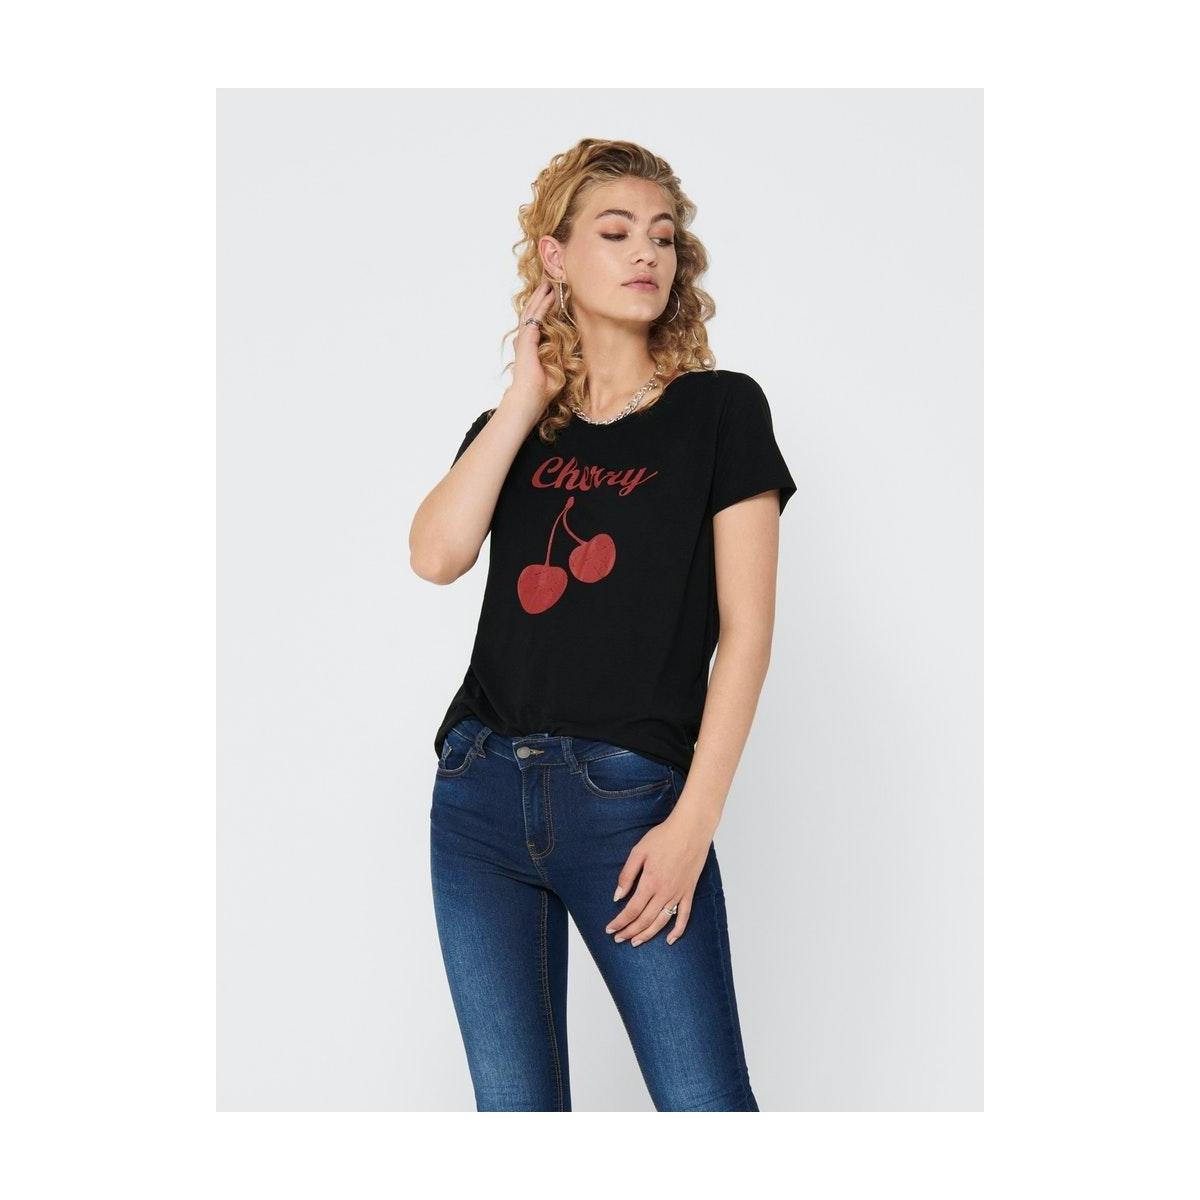 jdycity s/s print top jrs 0320 15198821 jacqueline de yong t-shirt black/cherry